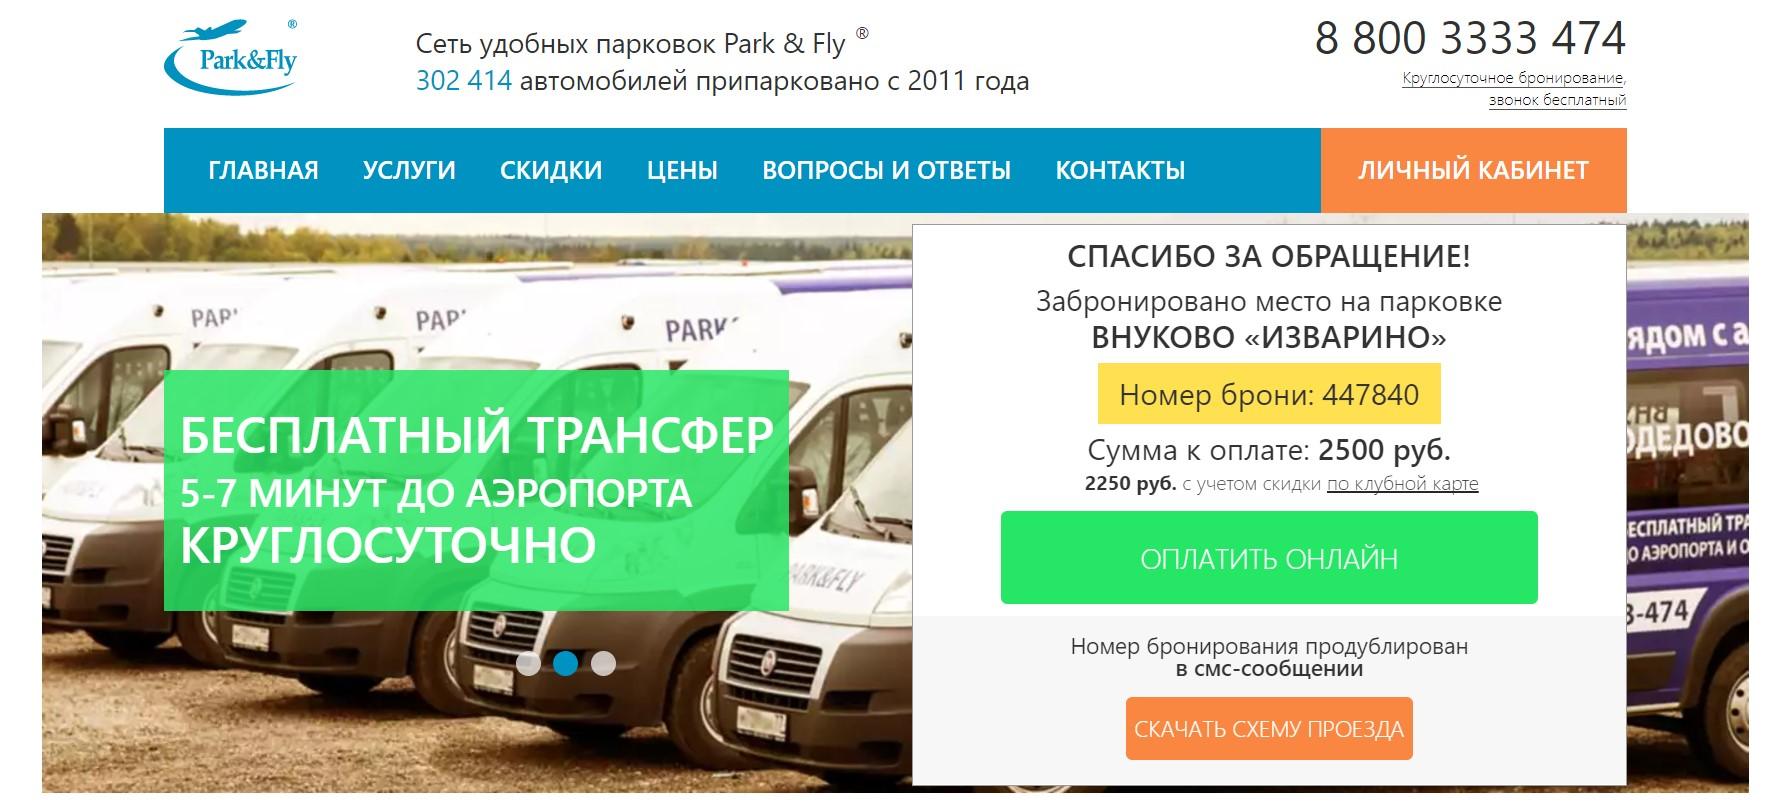 подтверждение бронирования парковки парк флай внуково